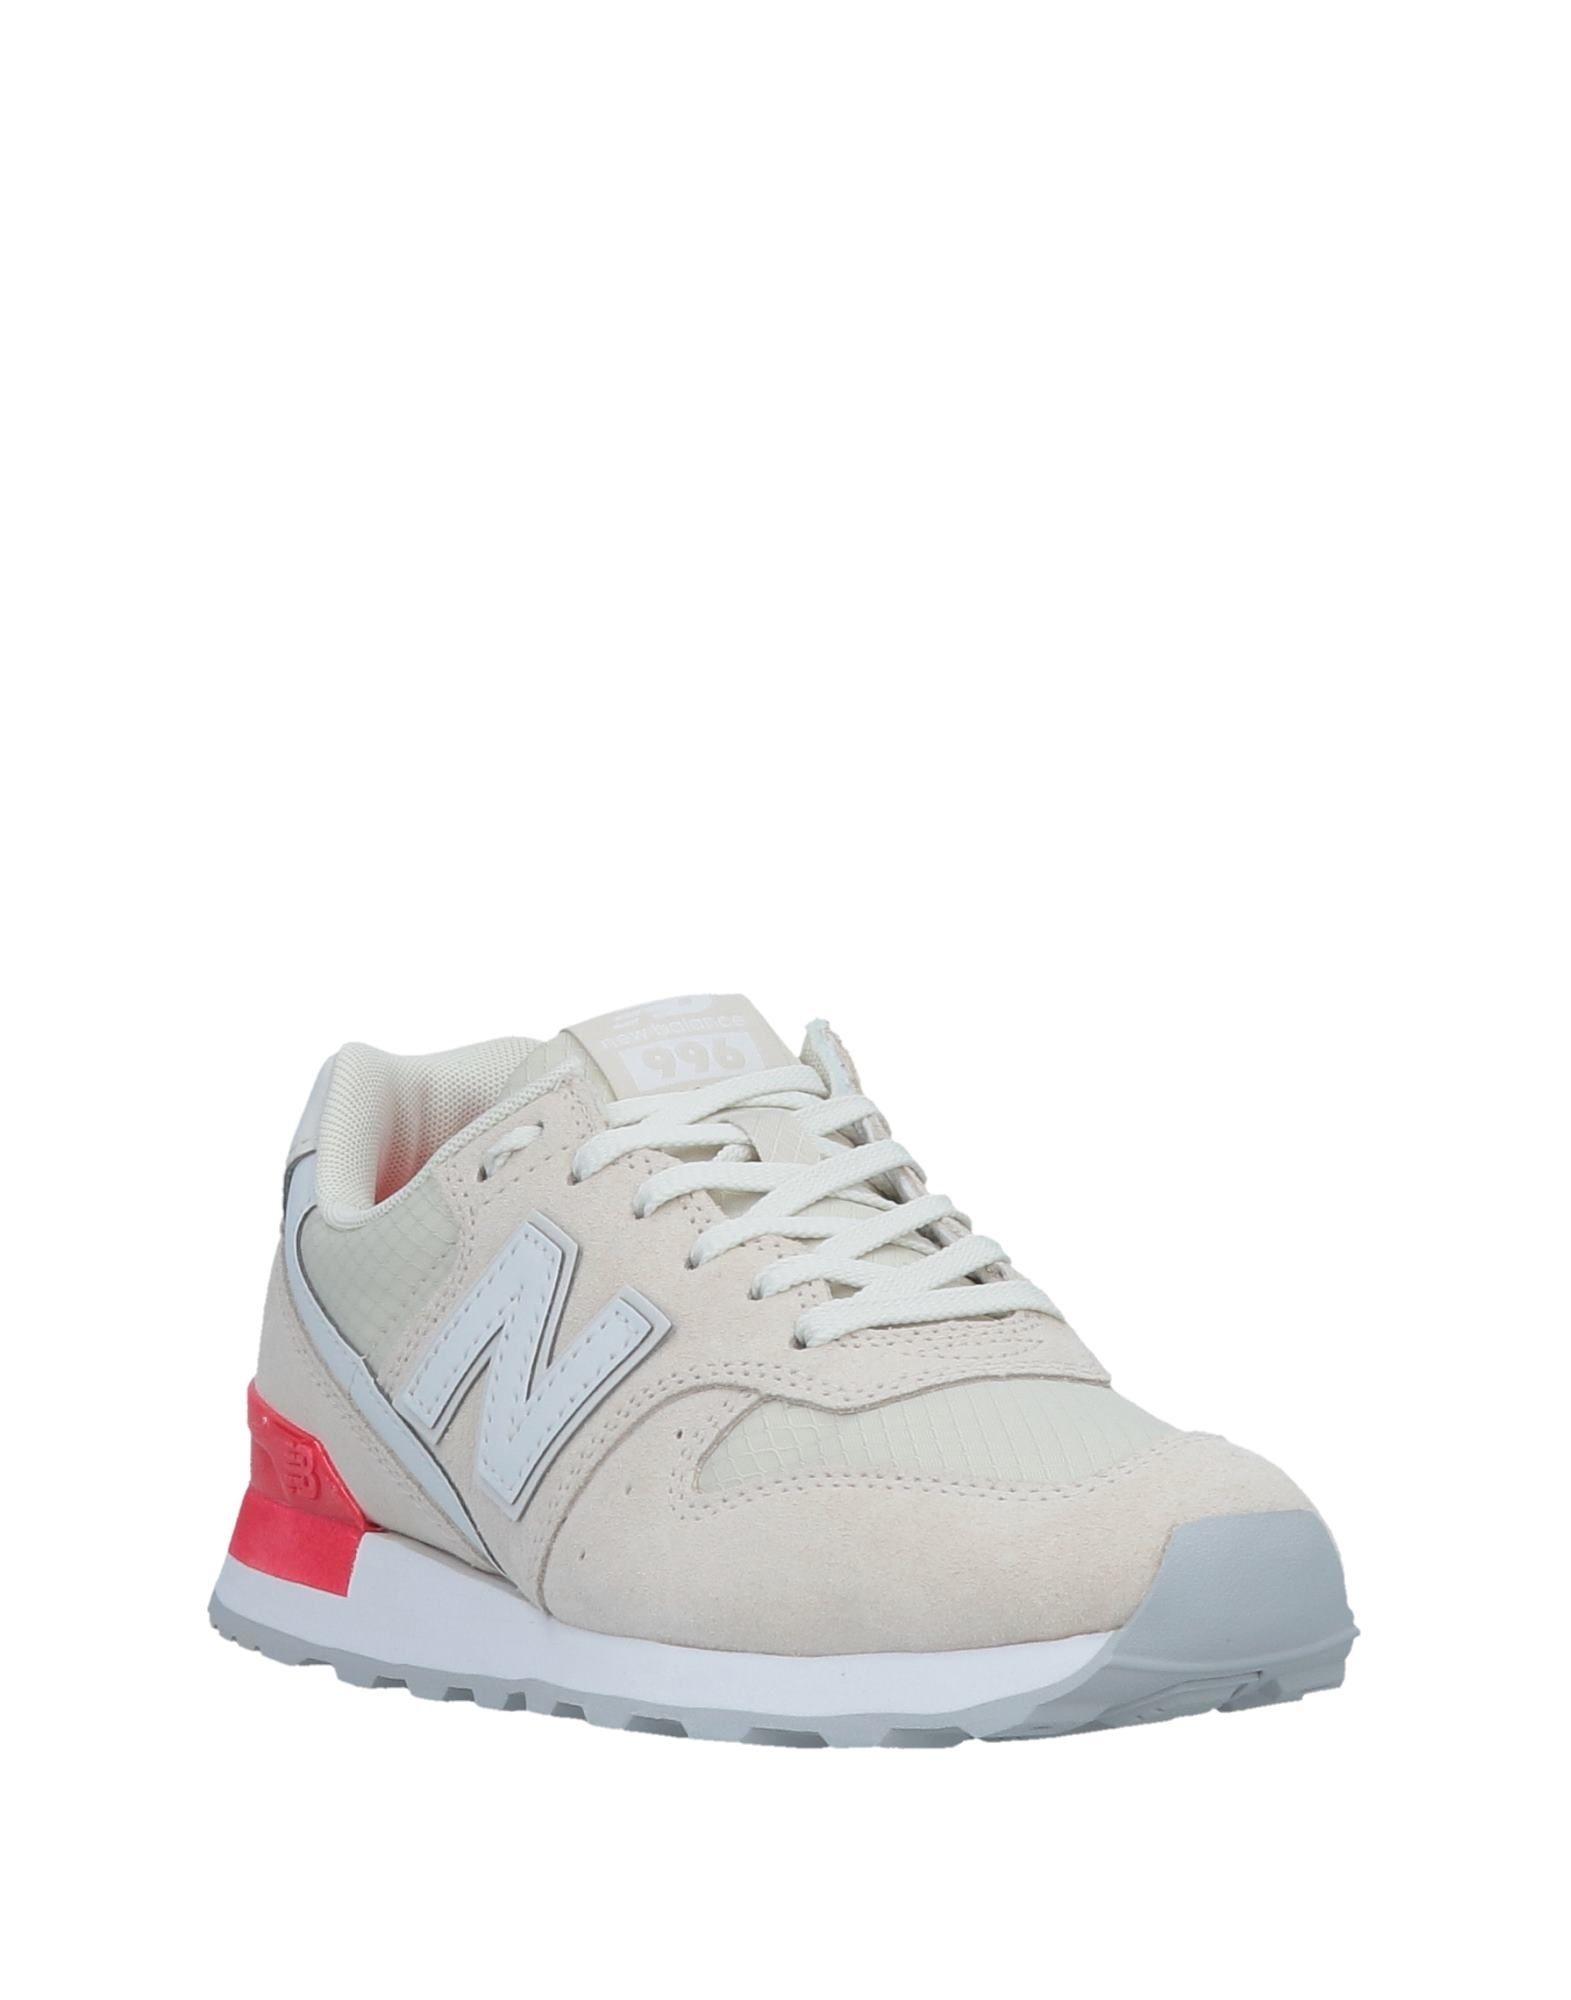 New Balance Sneakers Qualität Damen  11503378EU Gute Qualität Sneakers beliebte Schuhe ea3492